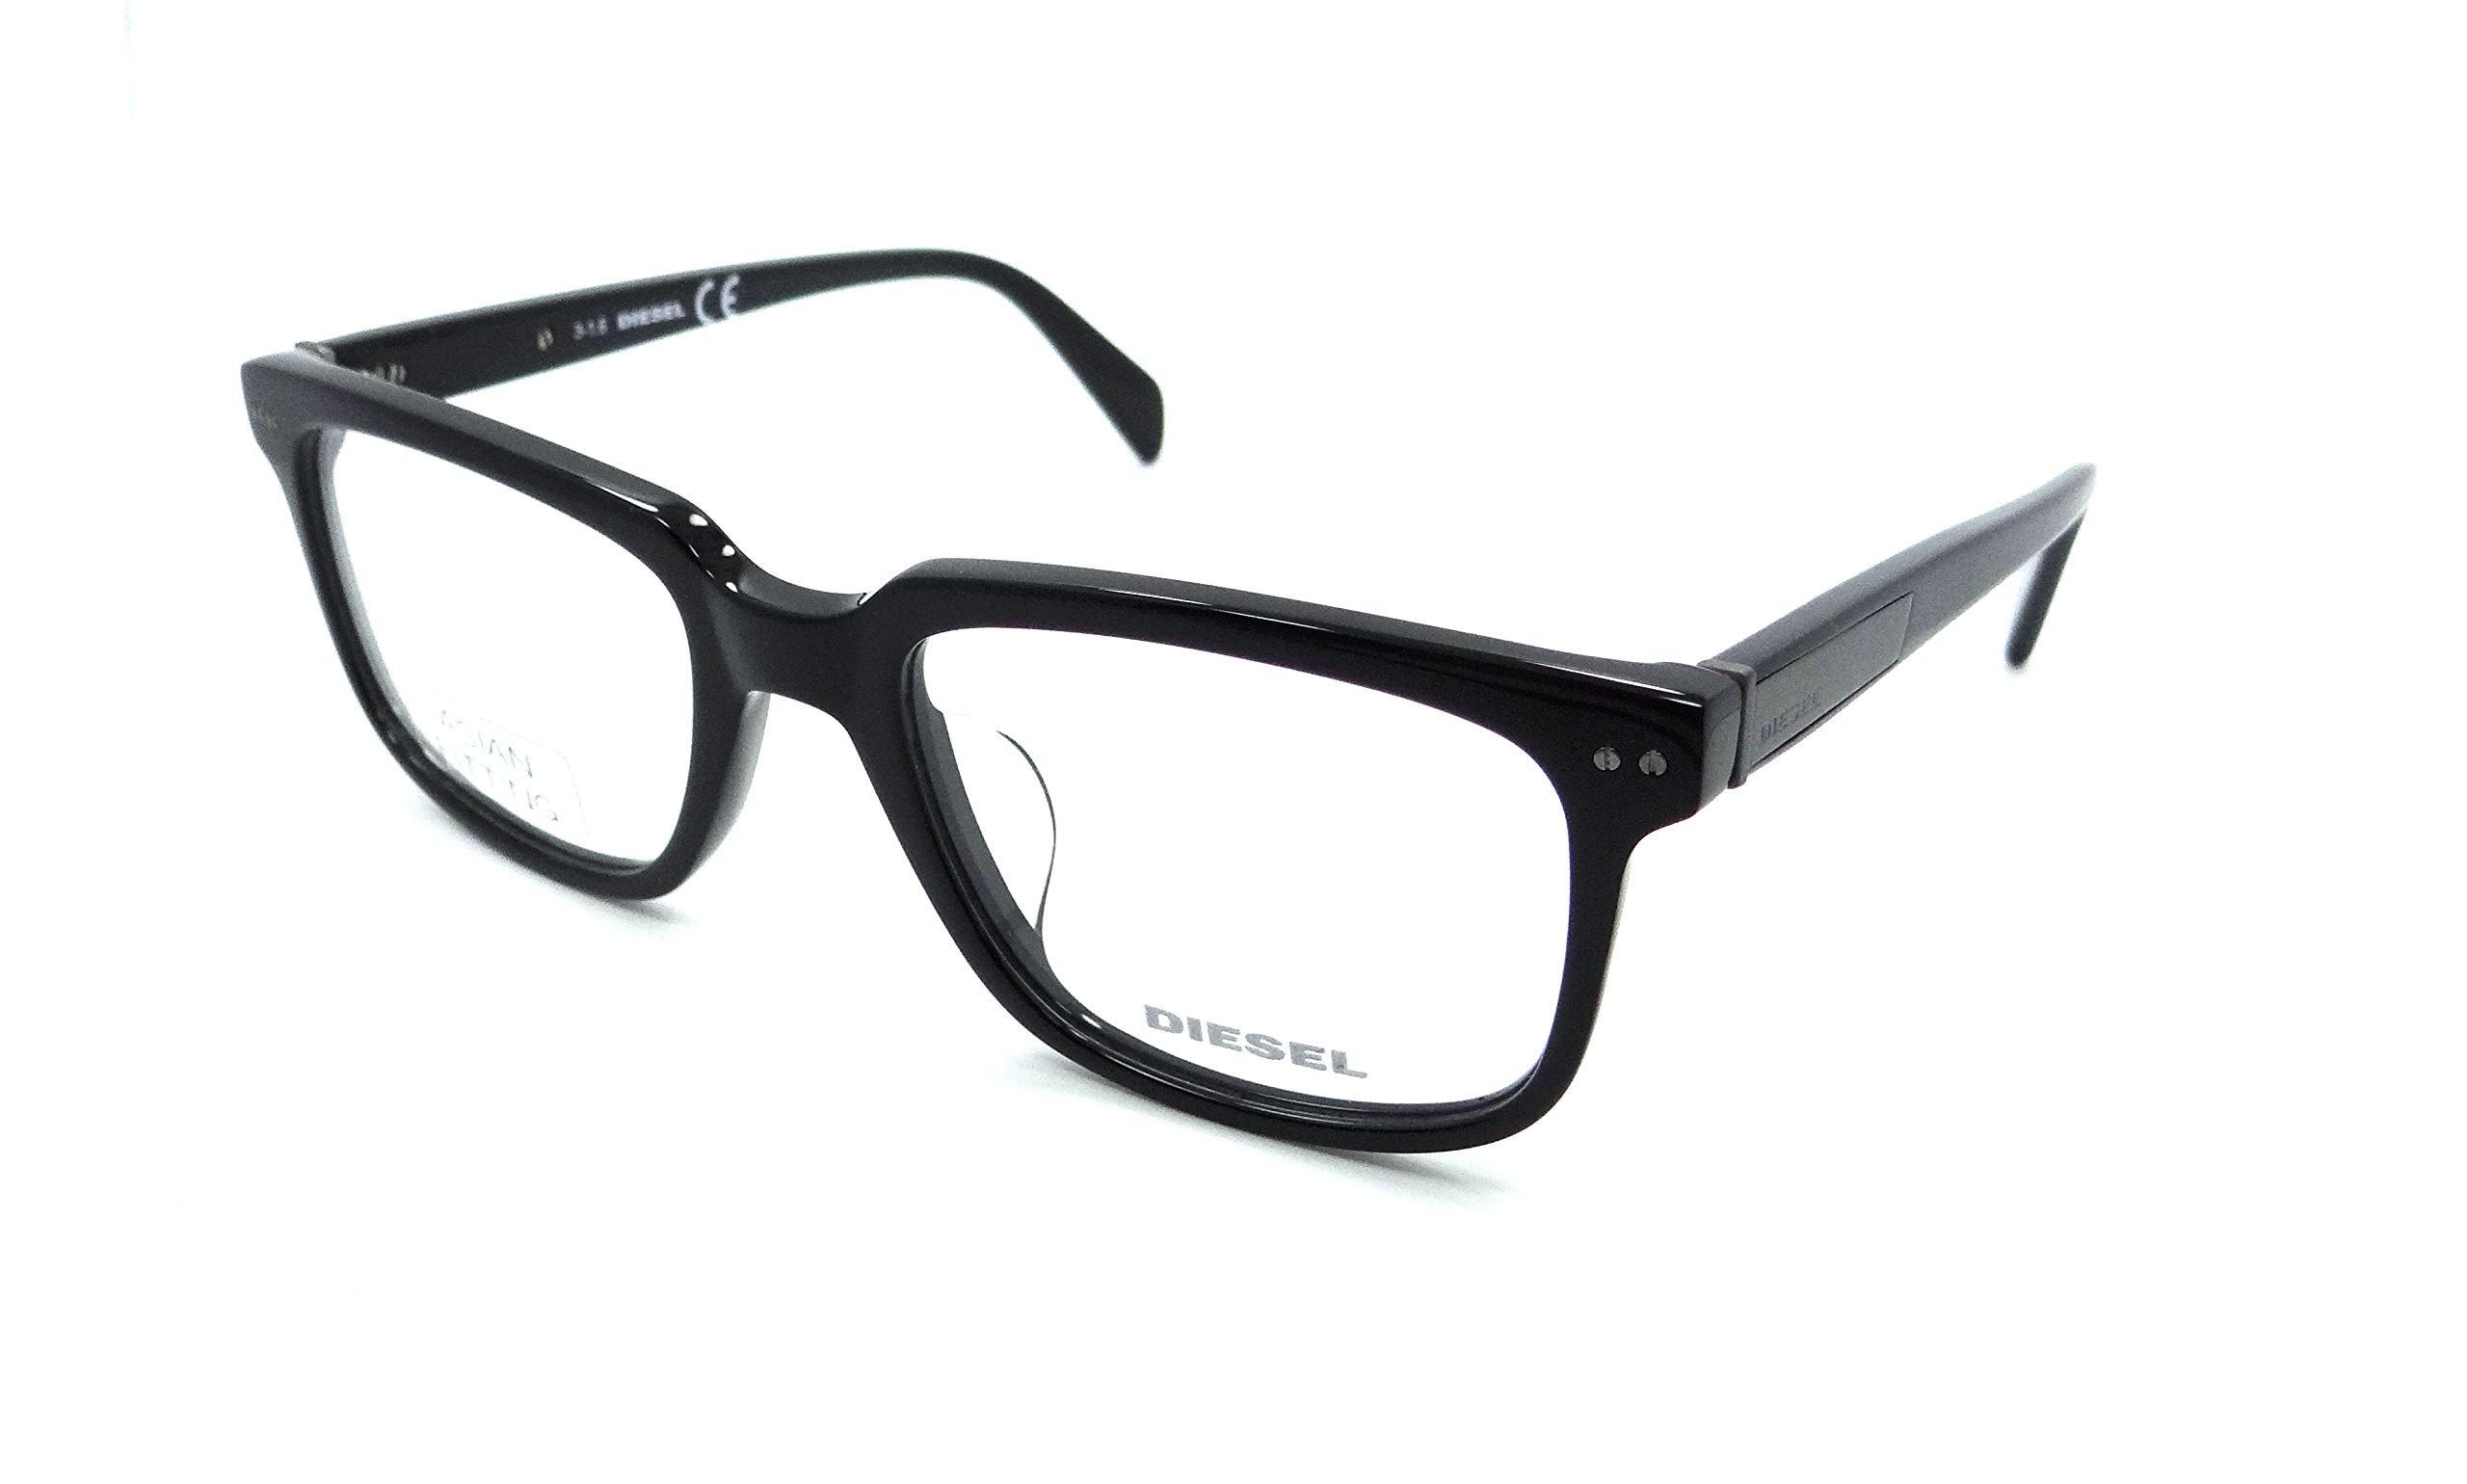 Diesel Rx Eyeglasses Frames DL5206-D 001 54-20-145 Shiny Black Asian Fit